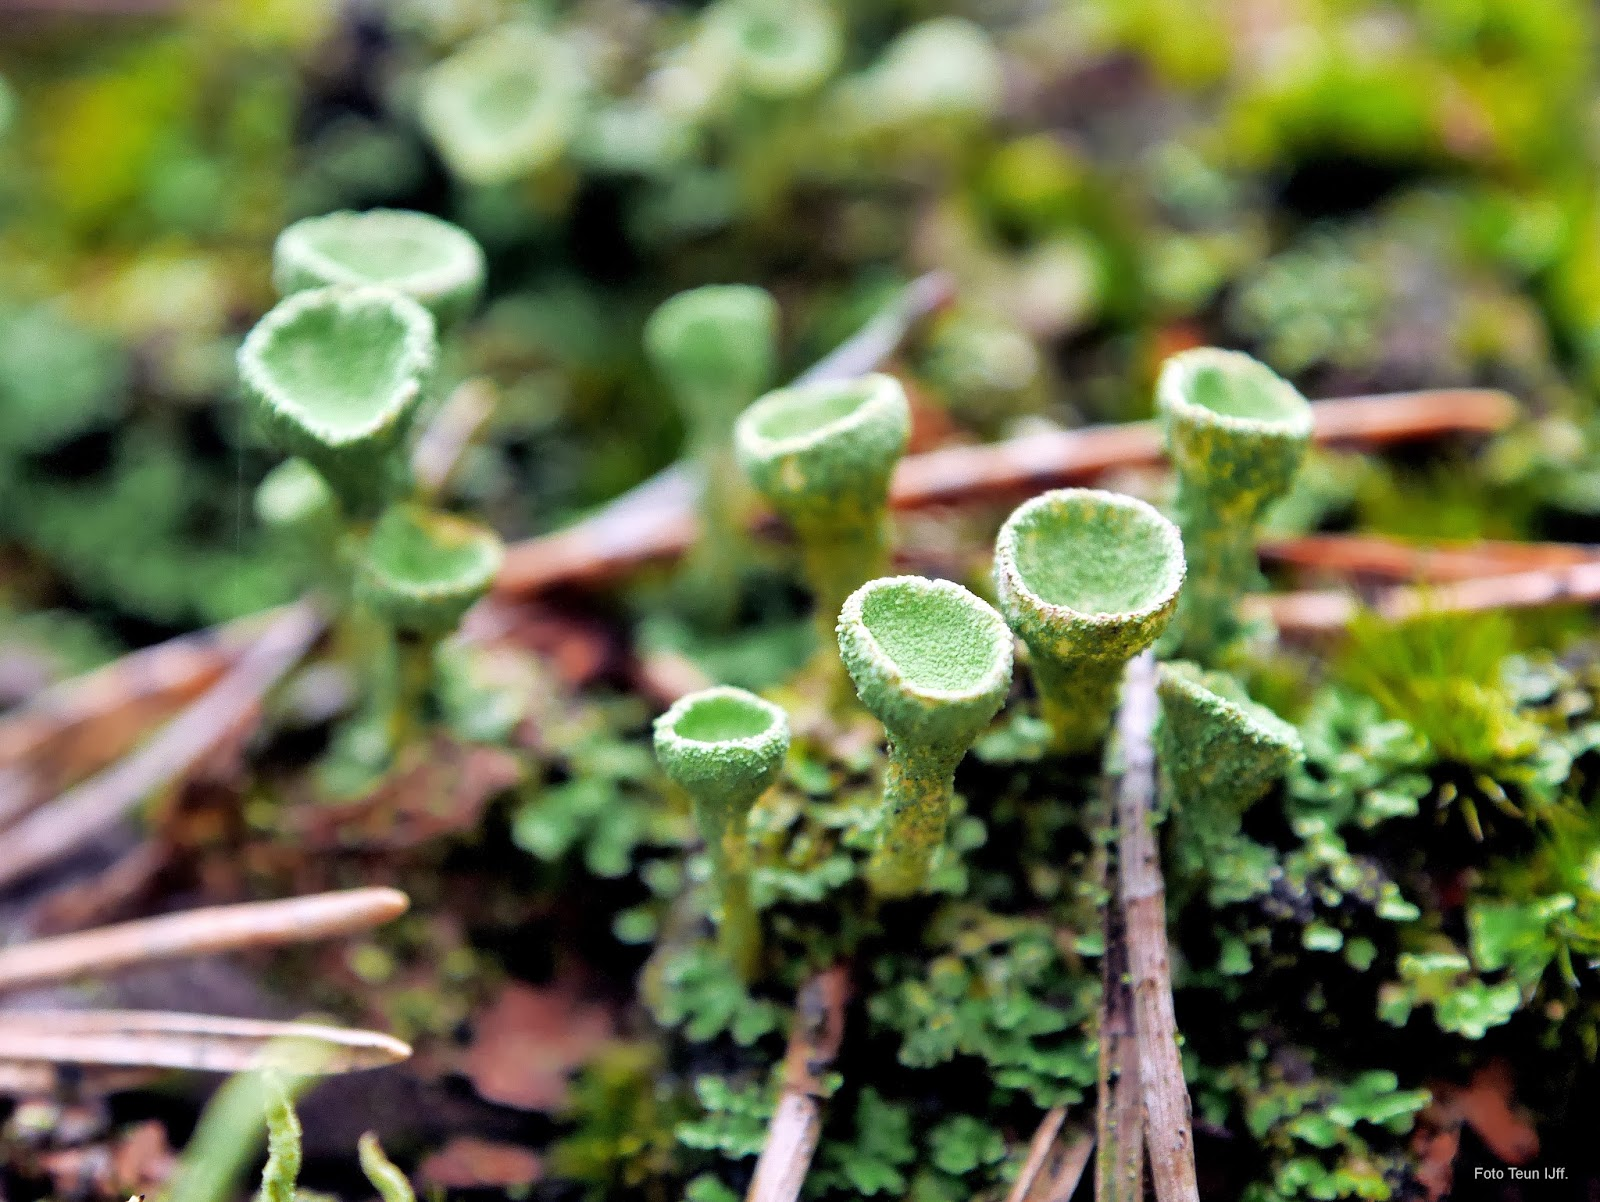 Teun, mijn dag van vandaag: Mossen, korstmossen en paddenstoelen ...